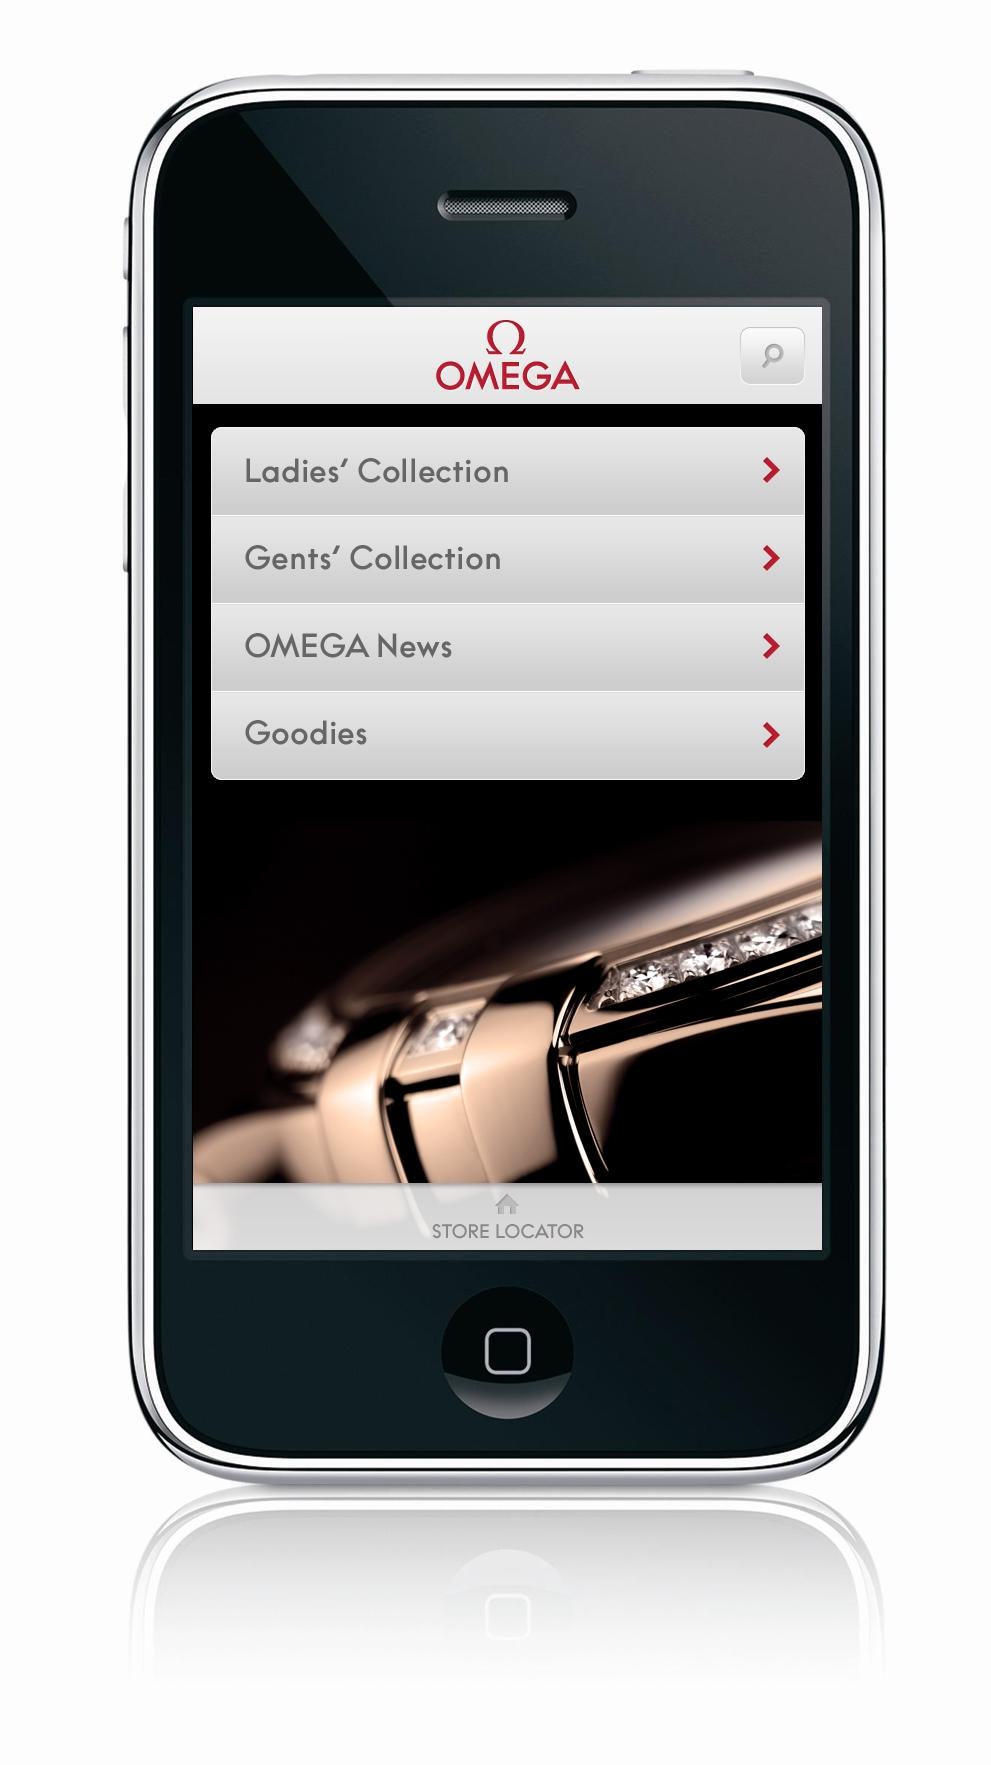 オメガが無料iPhoneアプリを公開_f0039351_17594785.jpg